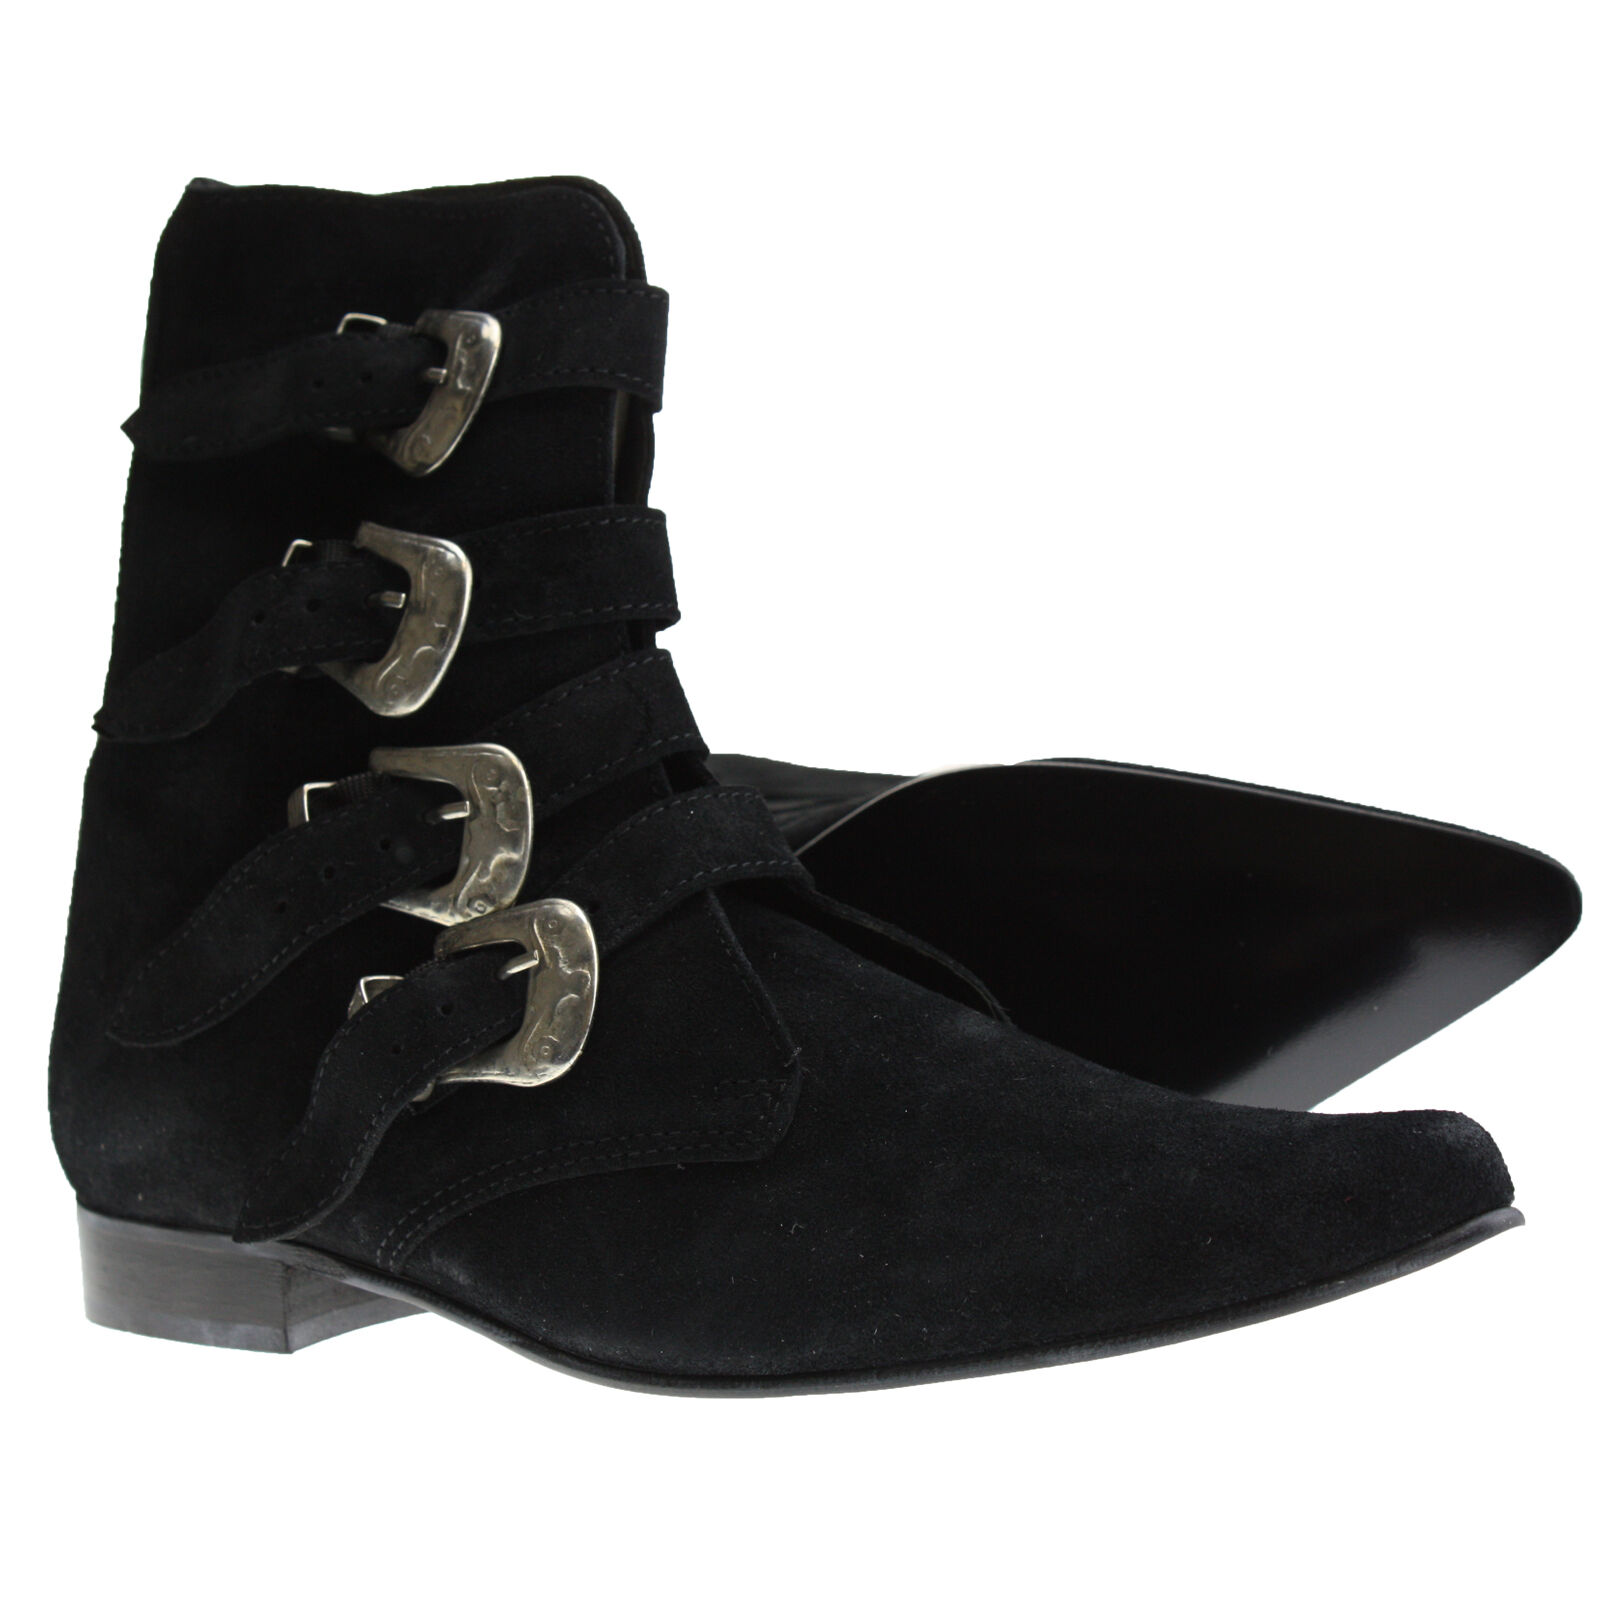 winkelpiker 4 fibbie Suede Nero,Gli stivali da donna classici sono popolari, economici e hanno dimensioni